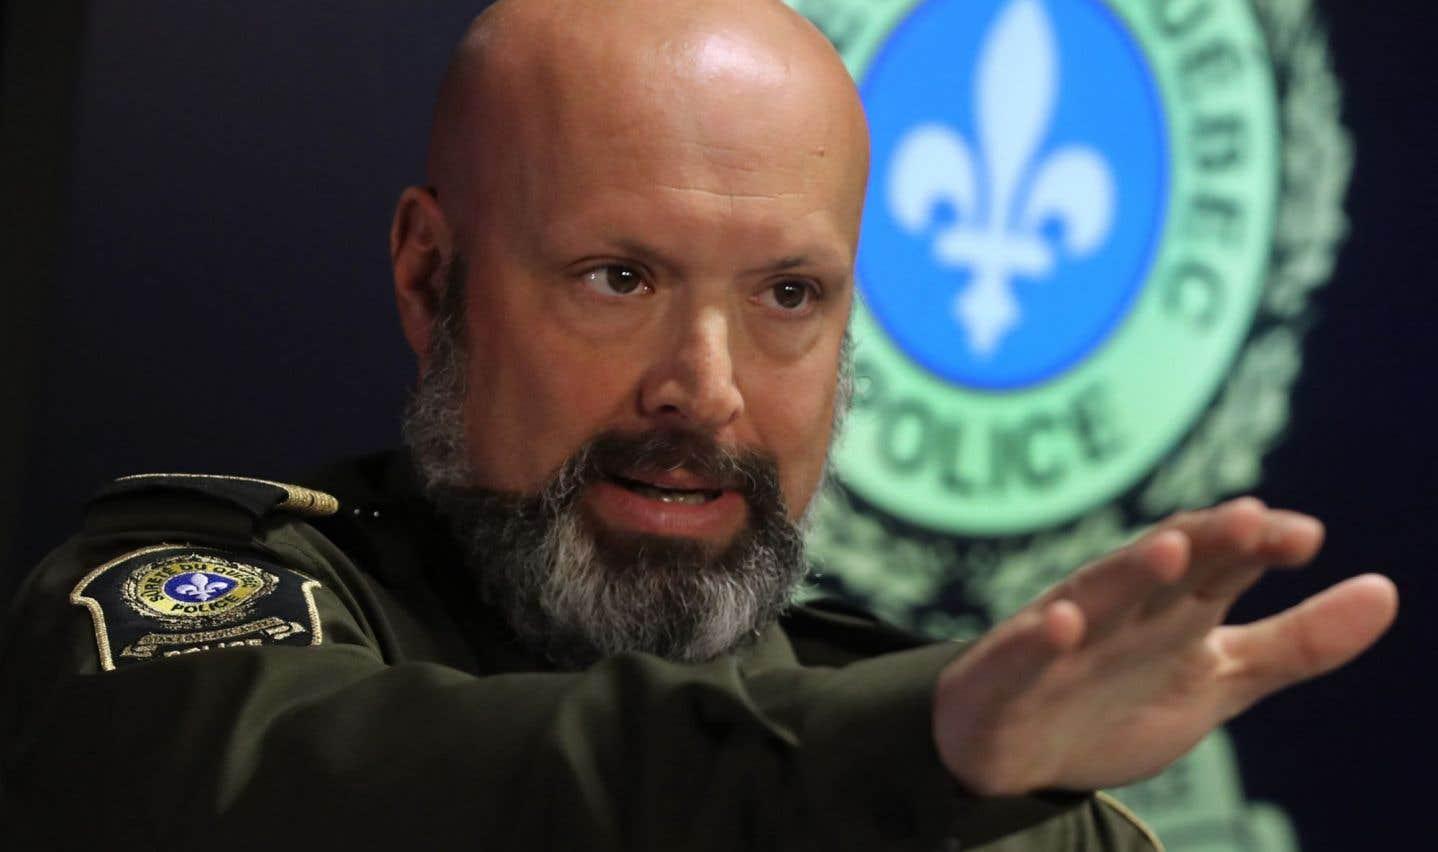 Un officier de la SQ relevé de ses fonctions après le cafouillage sur la 13